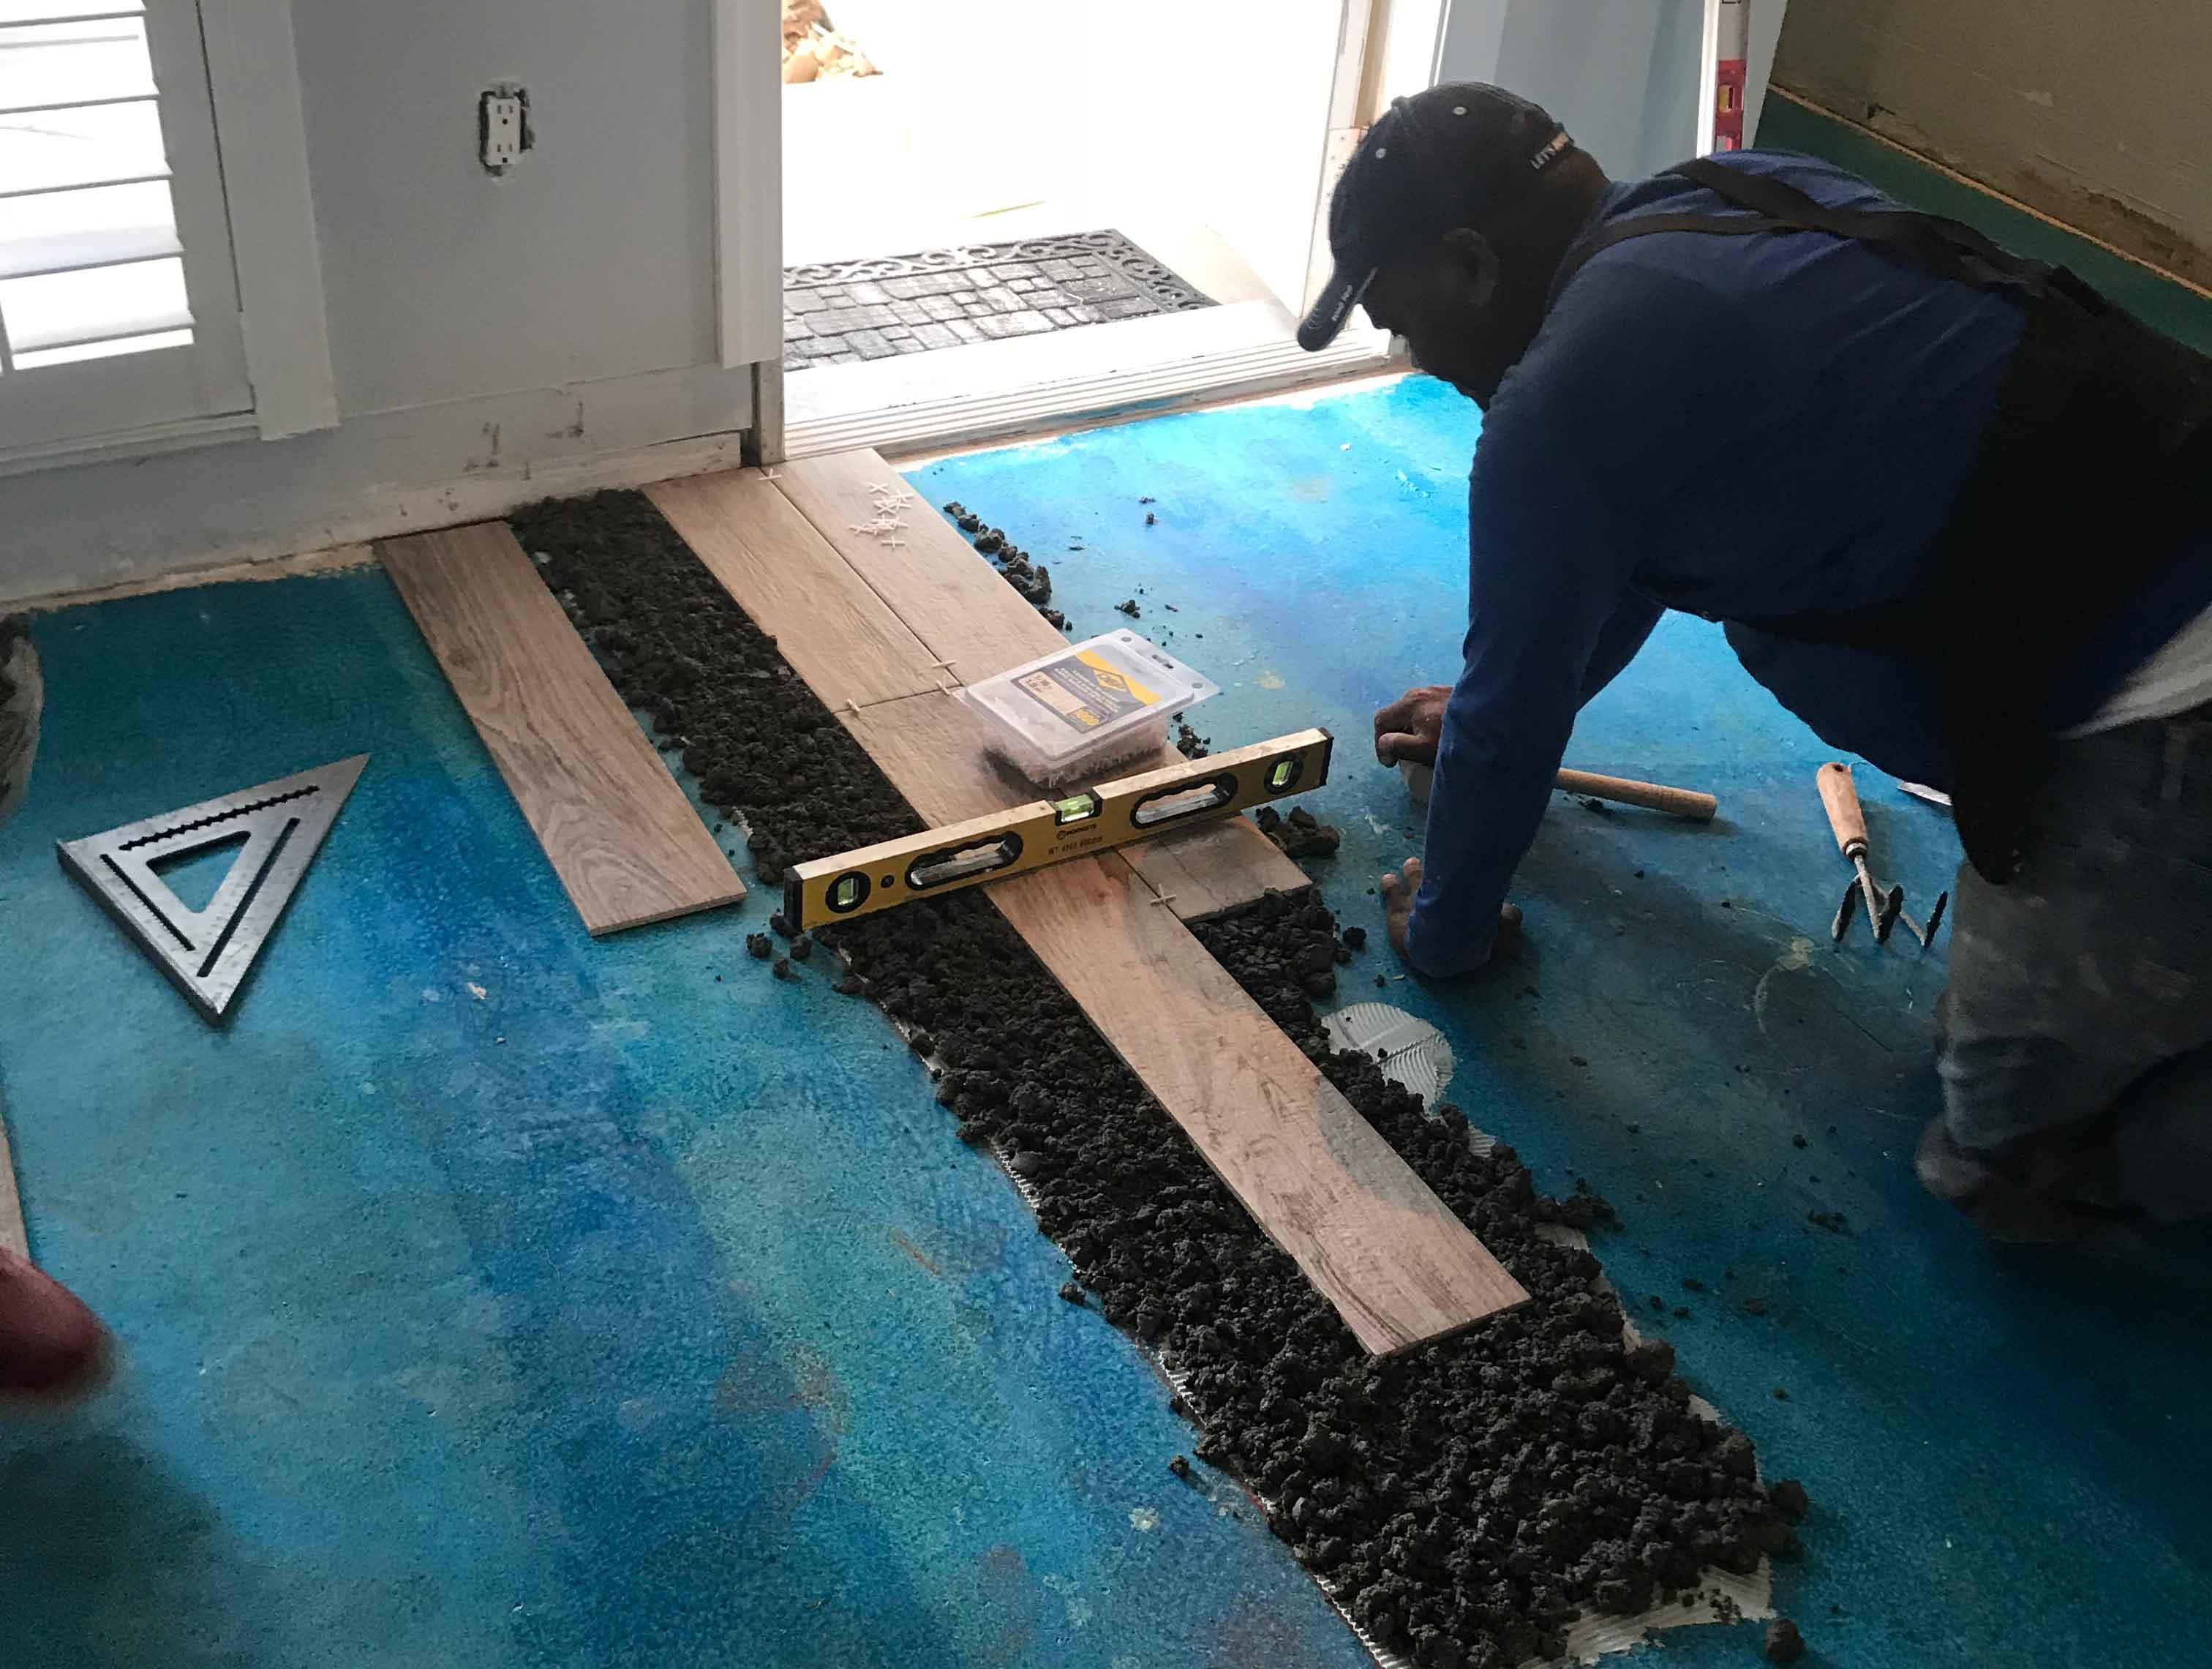 Reel-Contractors-Floor-Tle-Instalation-Reconstruction-Experts-Pembroke-Pines-Fl-Company